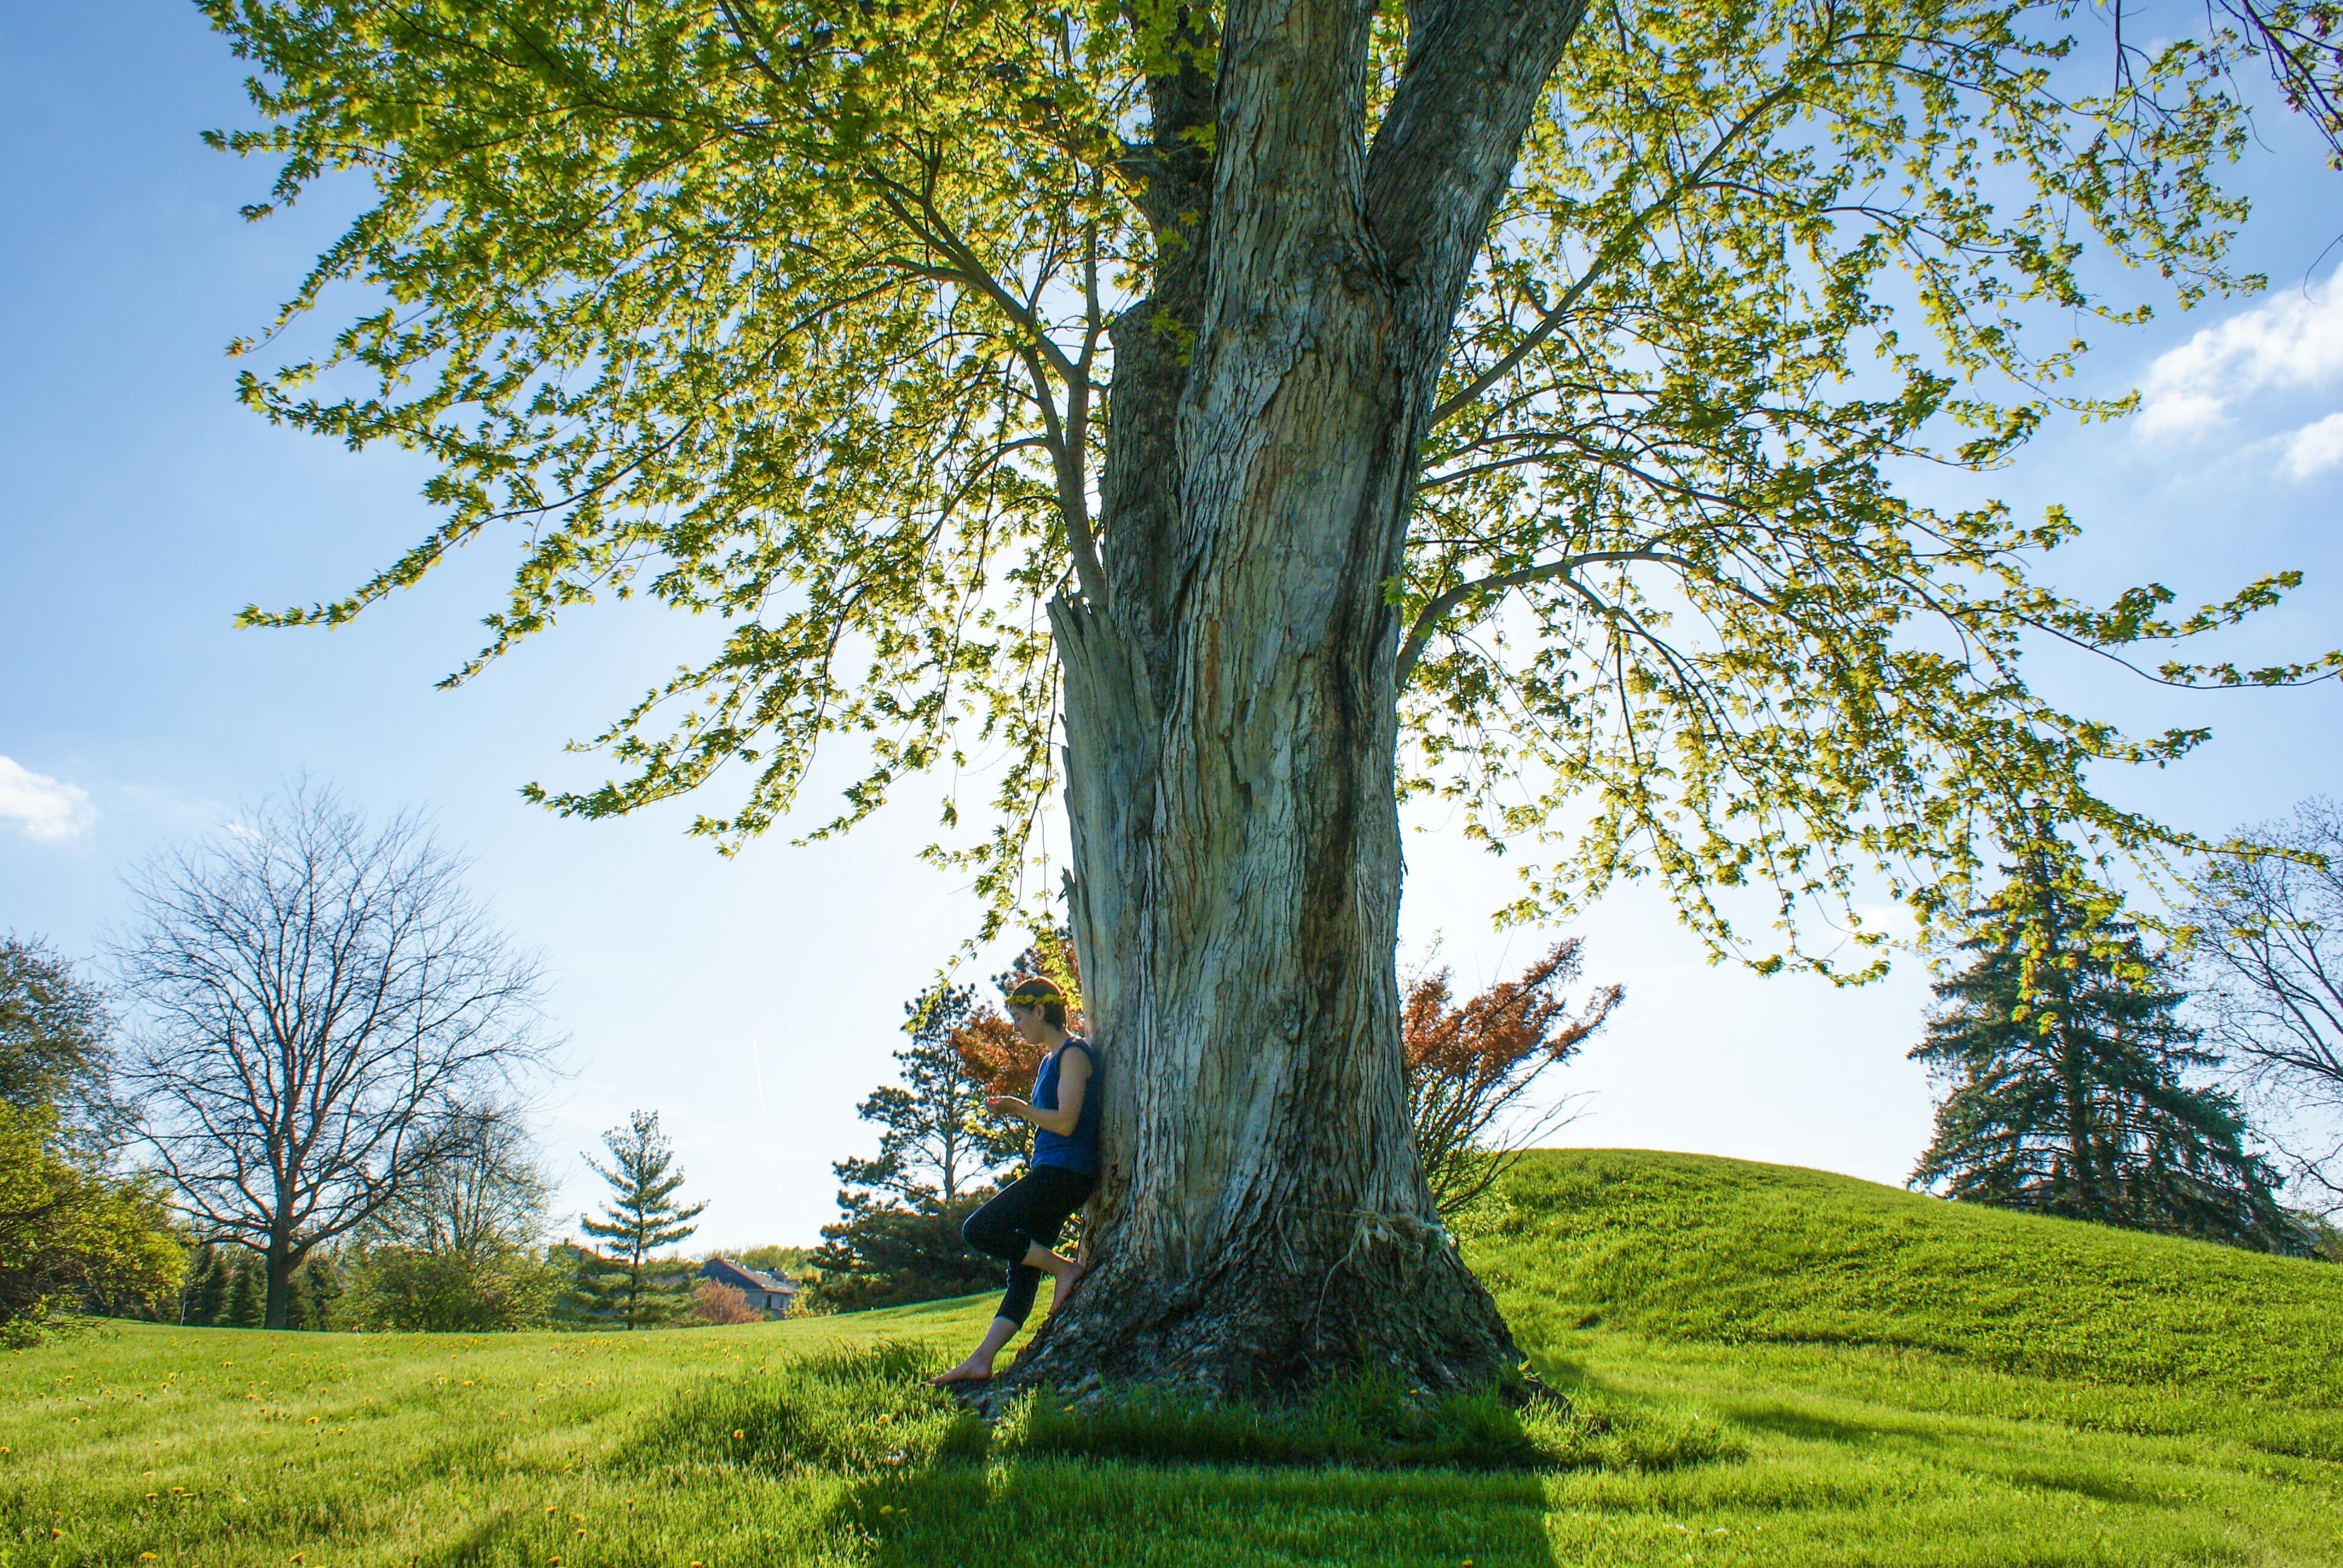 決定木について(学習アルゴリズム-理論編、AzureMLでの評価)